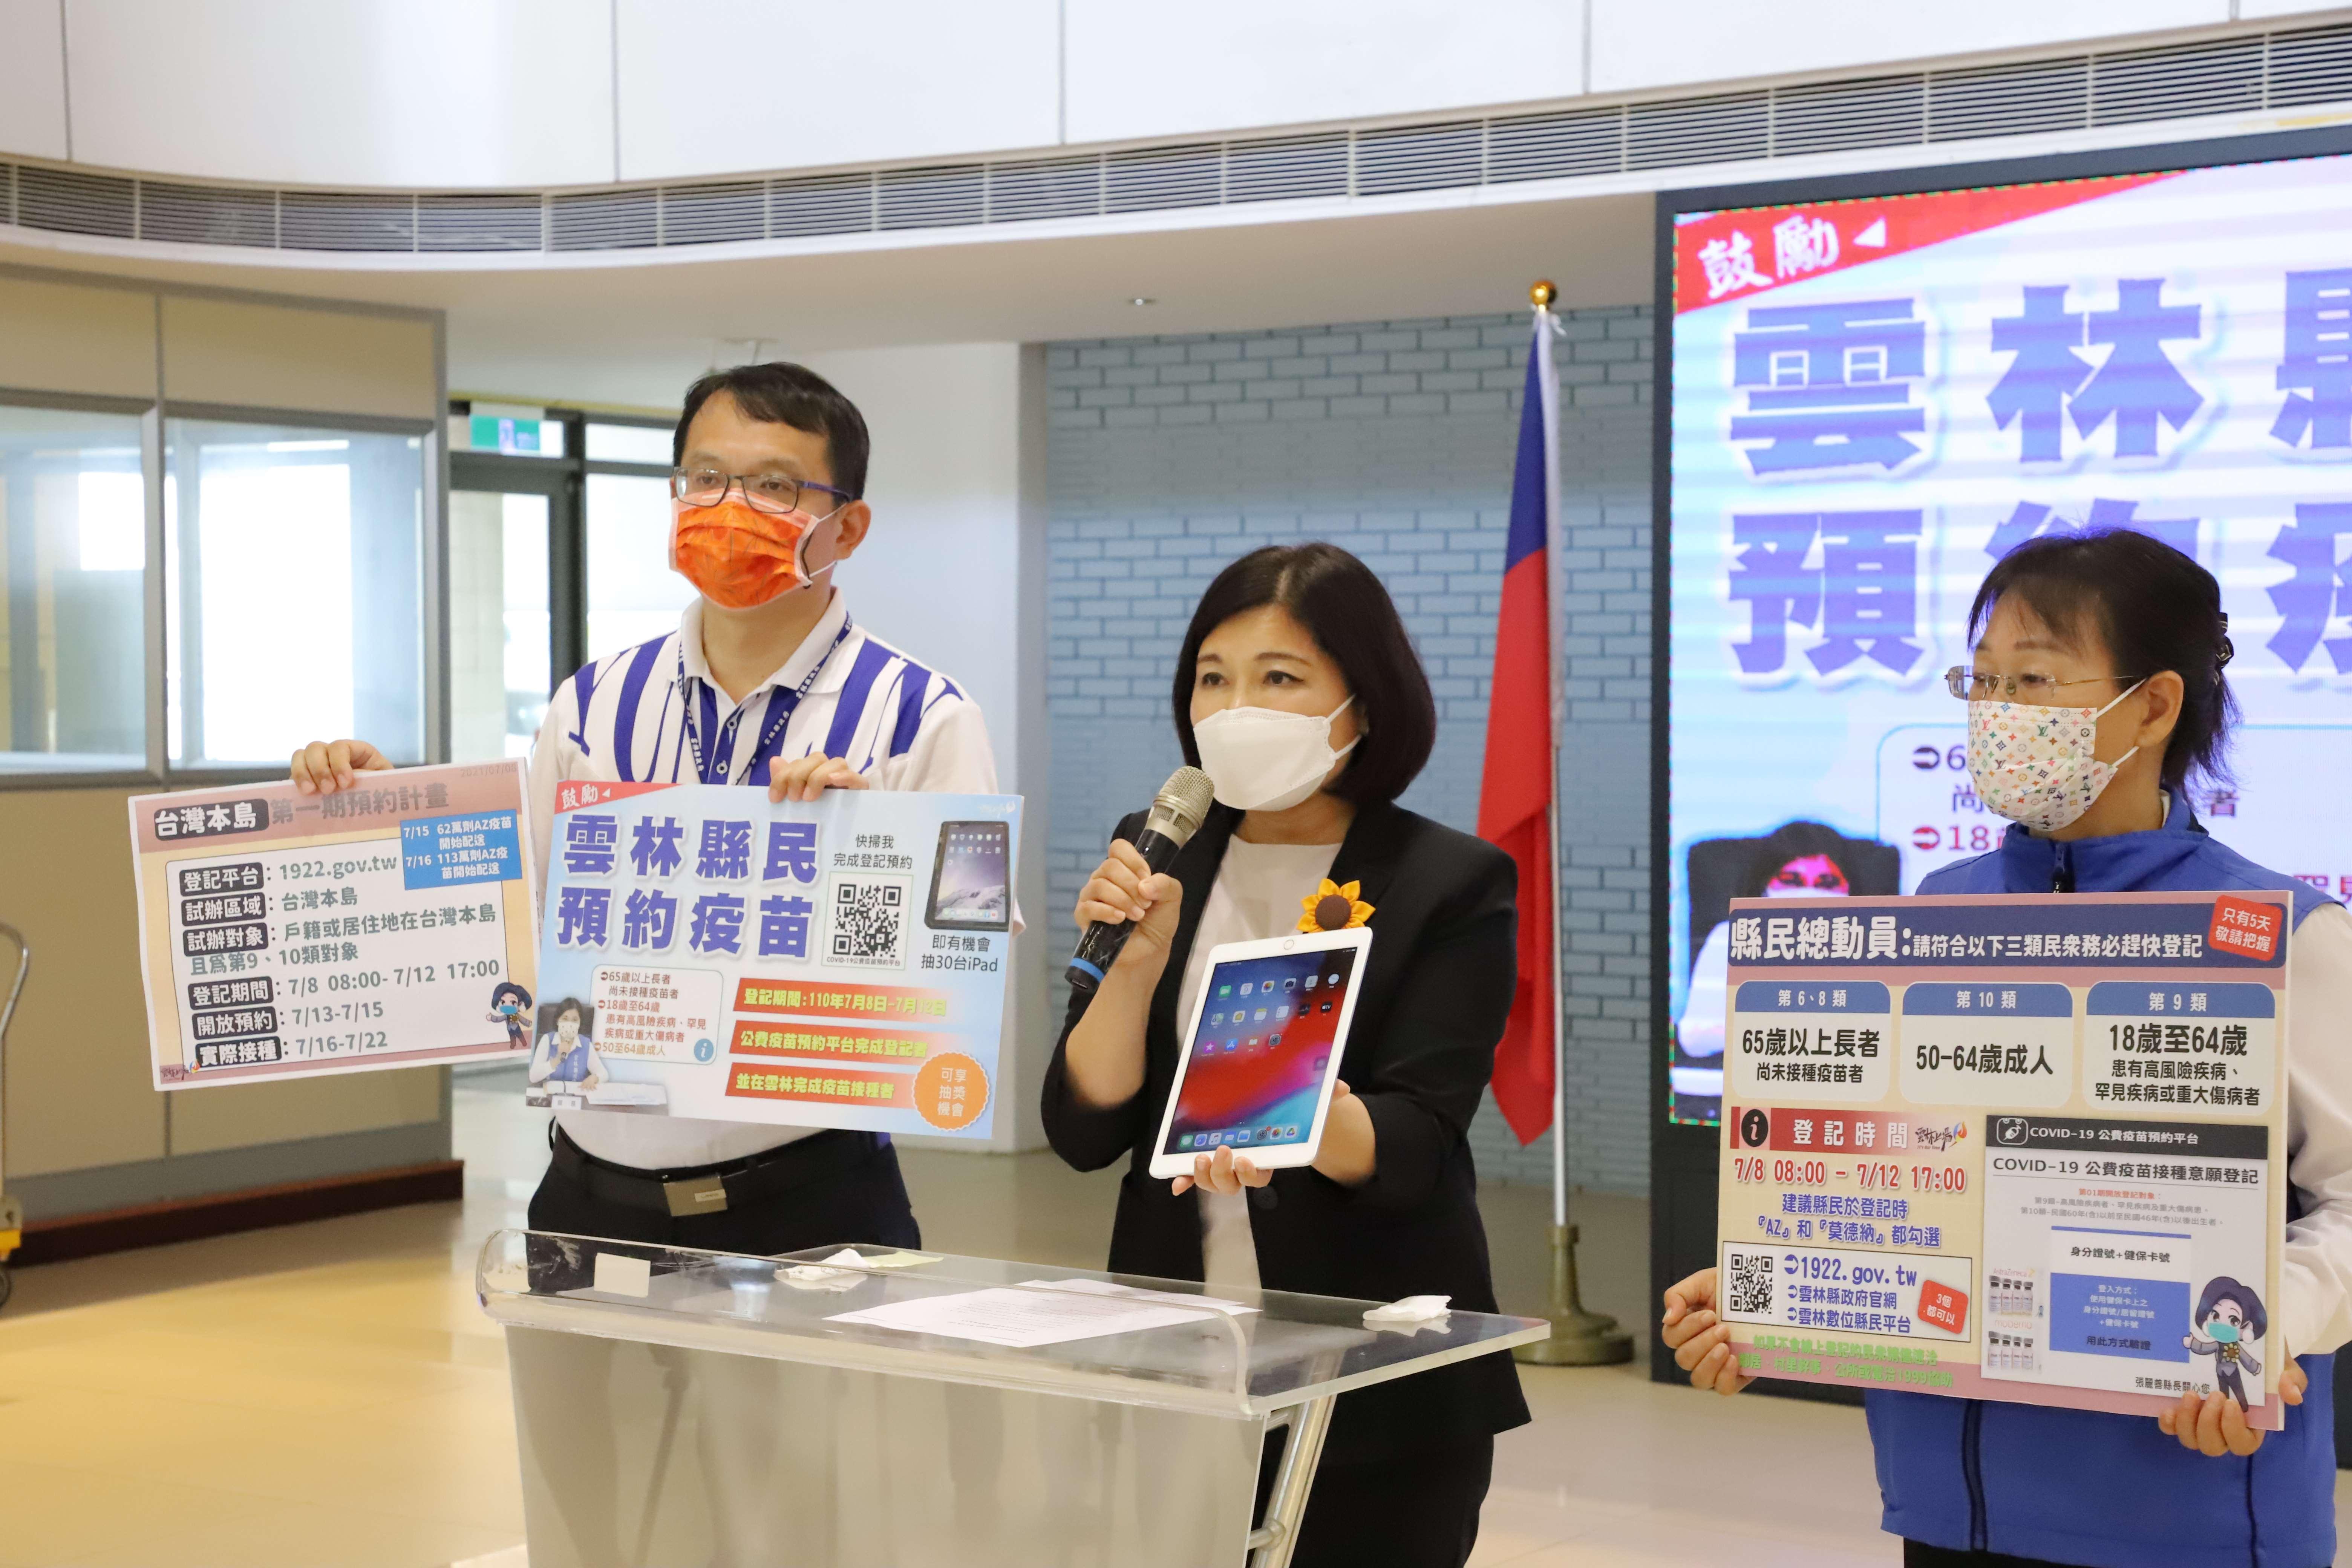 張縣長宣布將祭出iPad抽獎活動,鼓勵鄉親踴躍預約疫苗